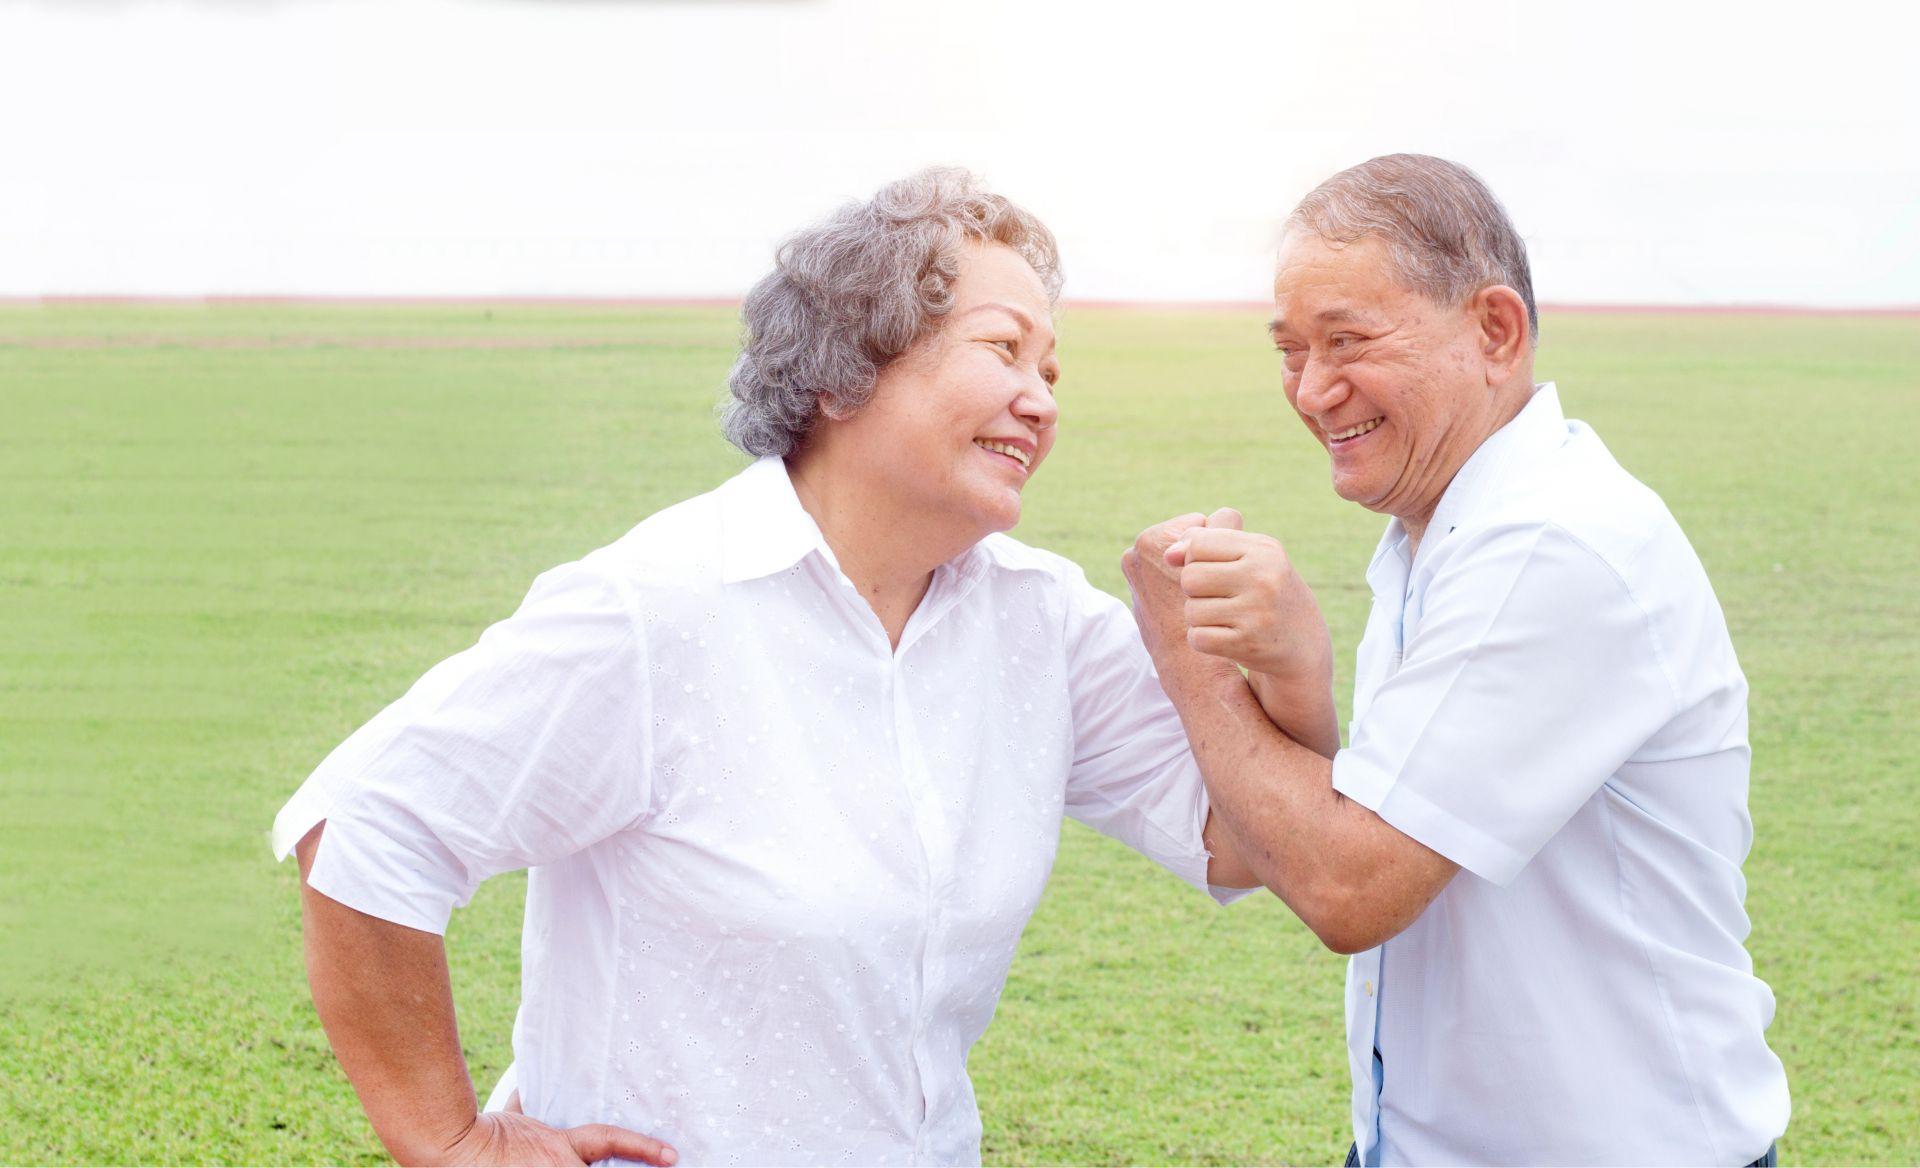 武漢肺炎》健康免疫力維持平衡、遠離病毒!要靠魚、蘋果、素食、地瓜...8食物促進,而不是藥物